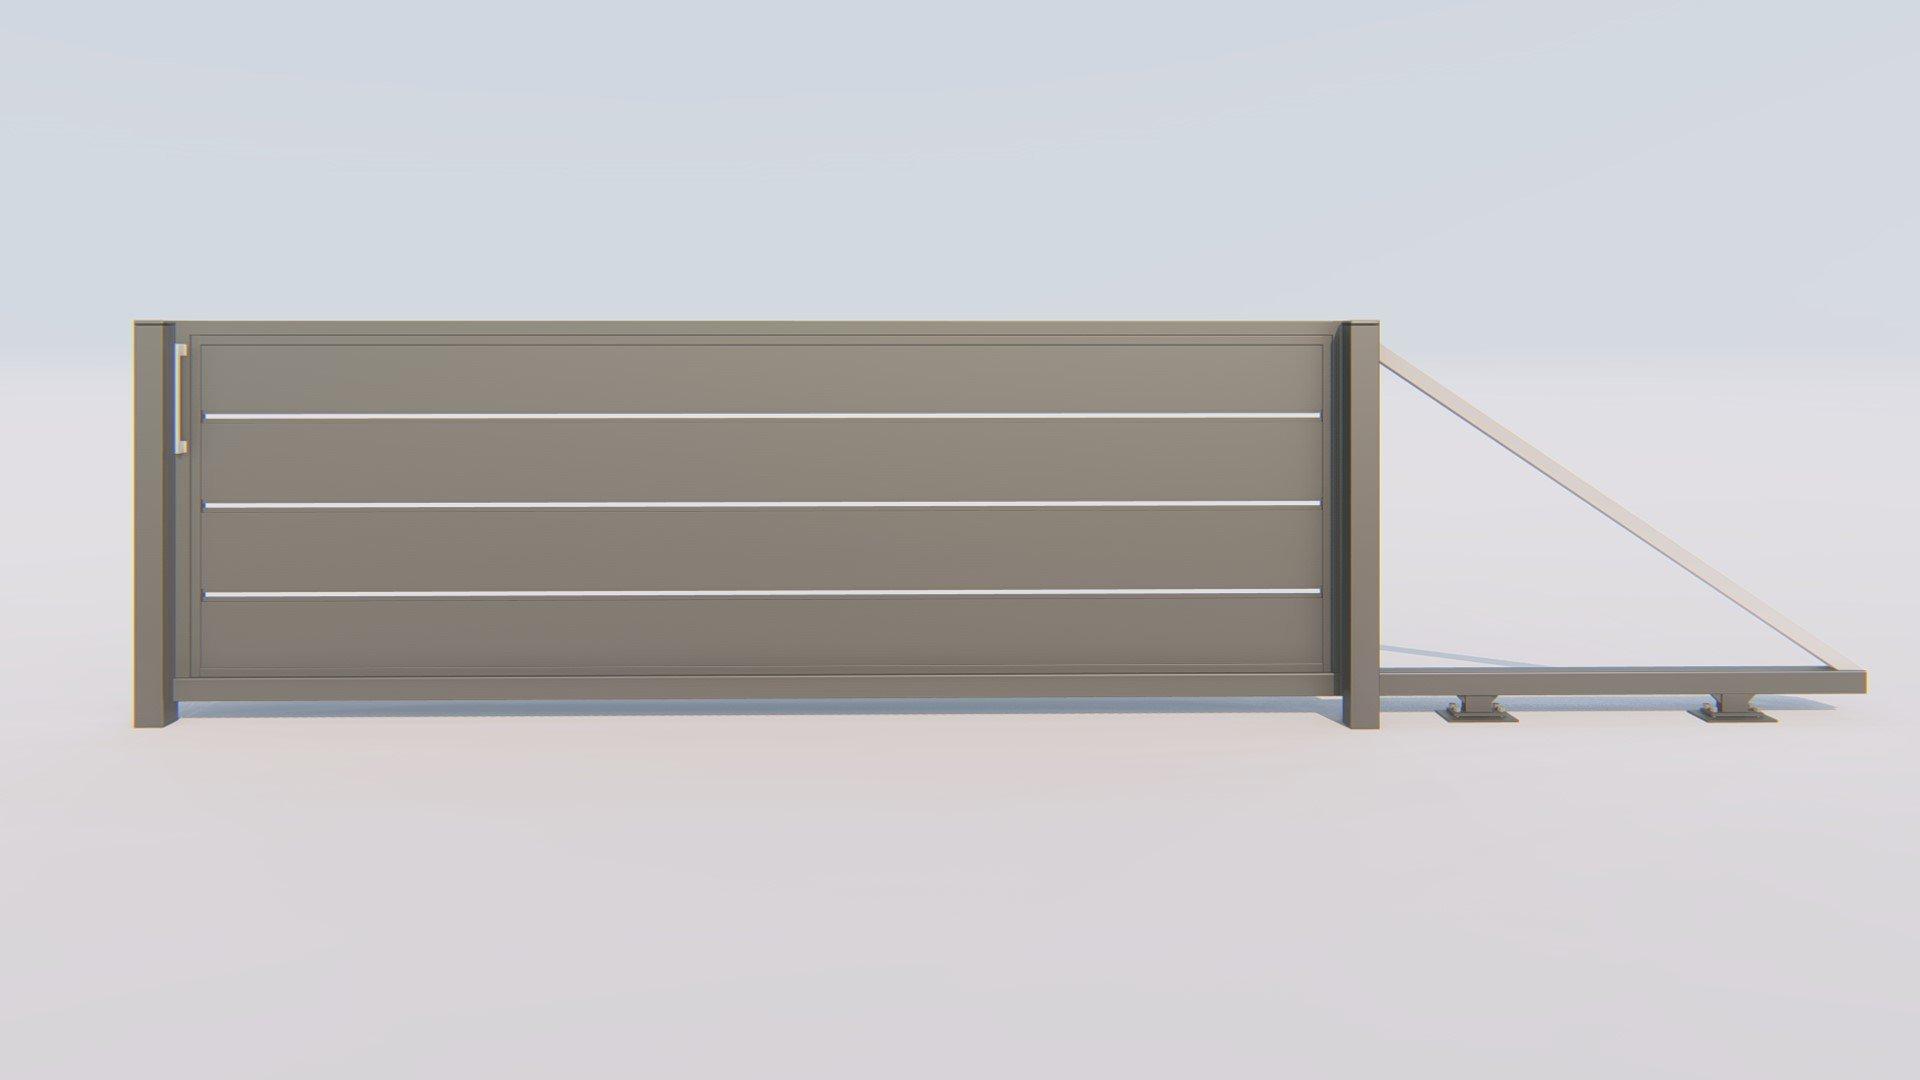 brama ogrodzeniowa nowoczesne z szerokimi lamelami modern tanio